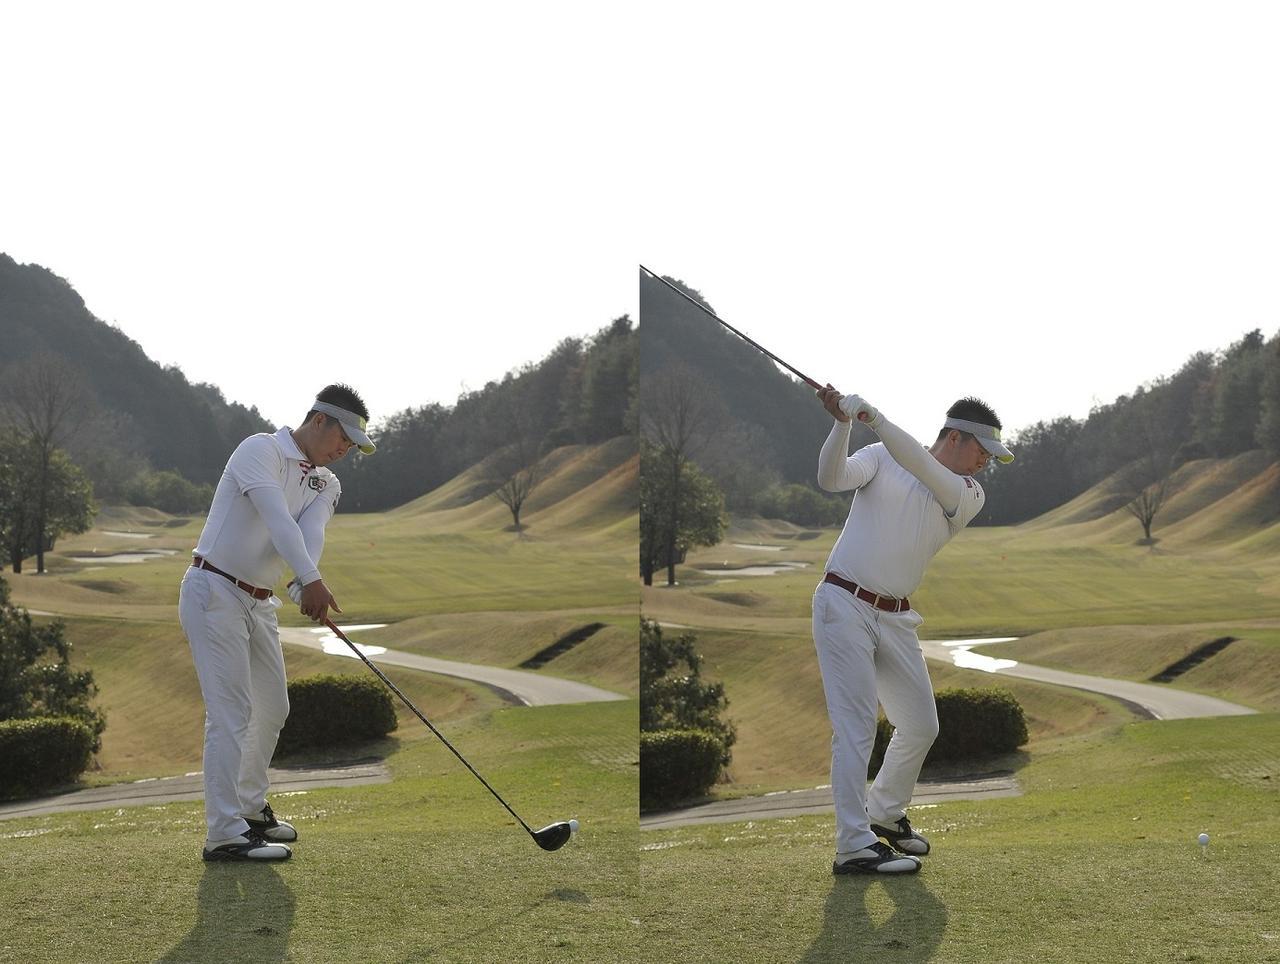 画像: 右かかとを踏みながら、肩も回す。その際、右足は伸びてOKだ。左足はヒールアップさせる